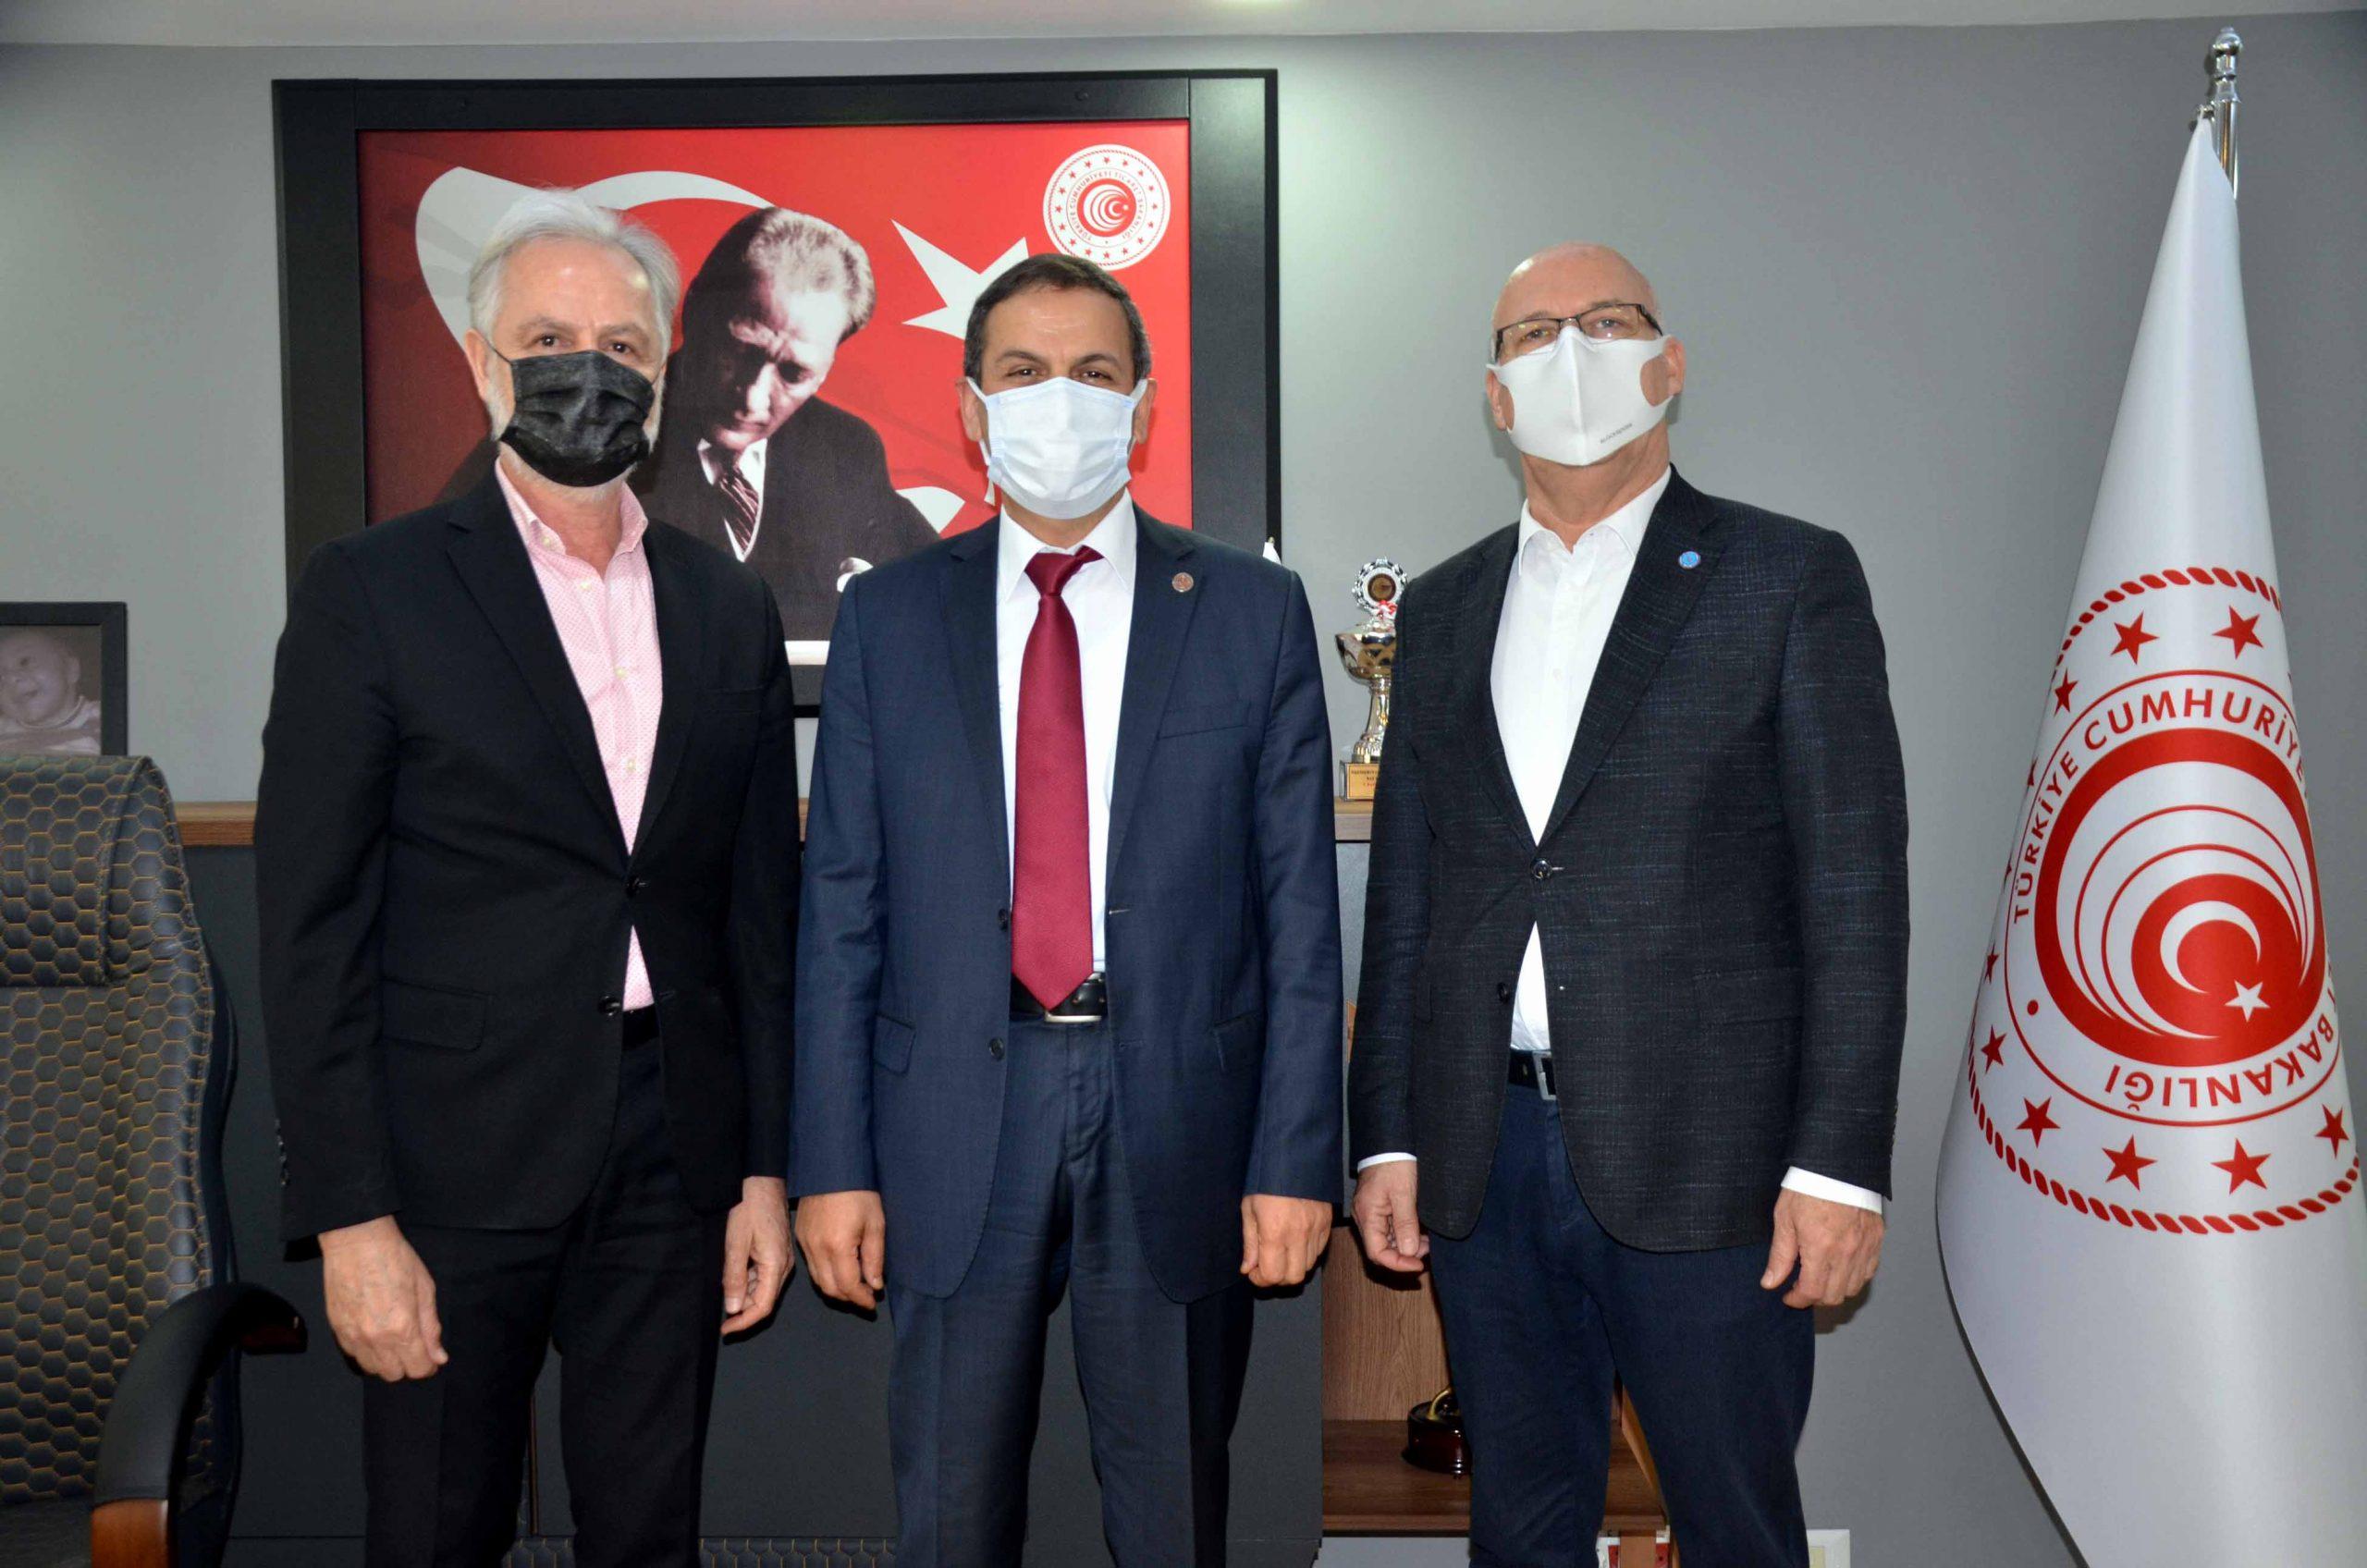 İTSO'dan Doğu Akdeniz Gümrük ve Dış Ticaret Bölge Müdürü Yıldırım'a Nezaket Ziyareti